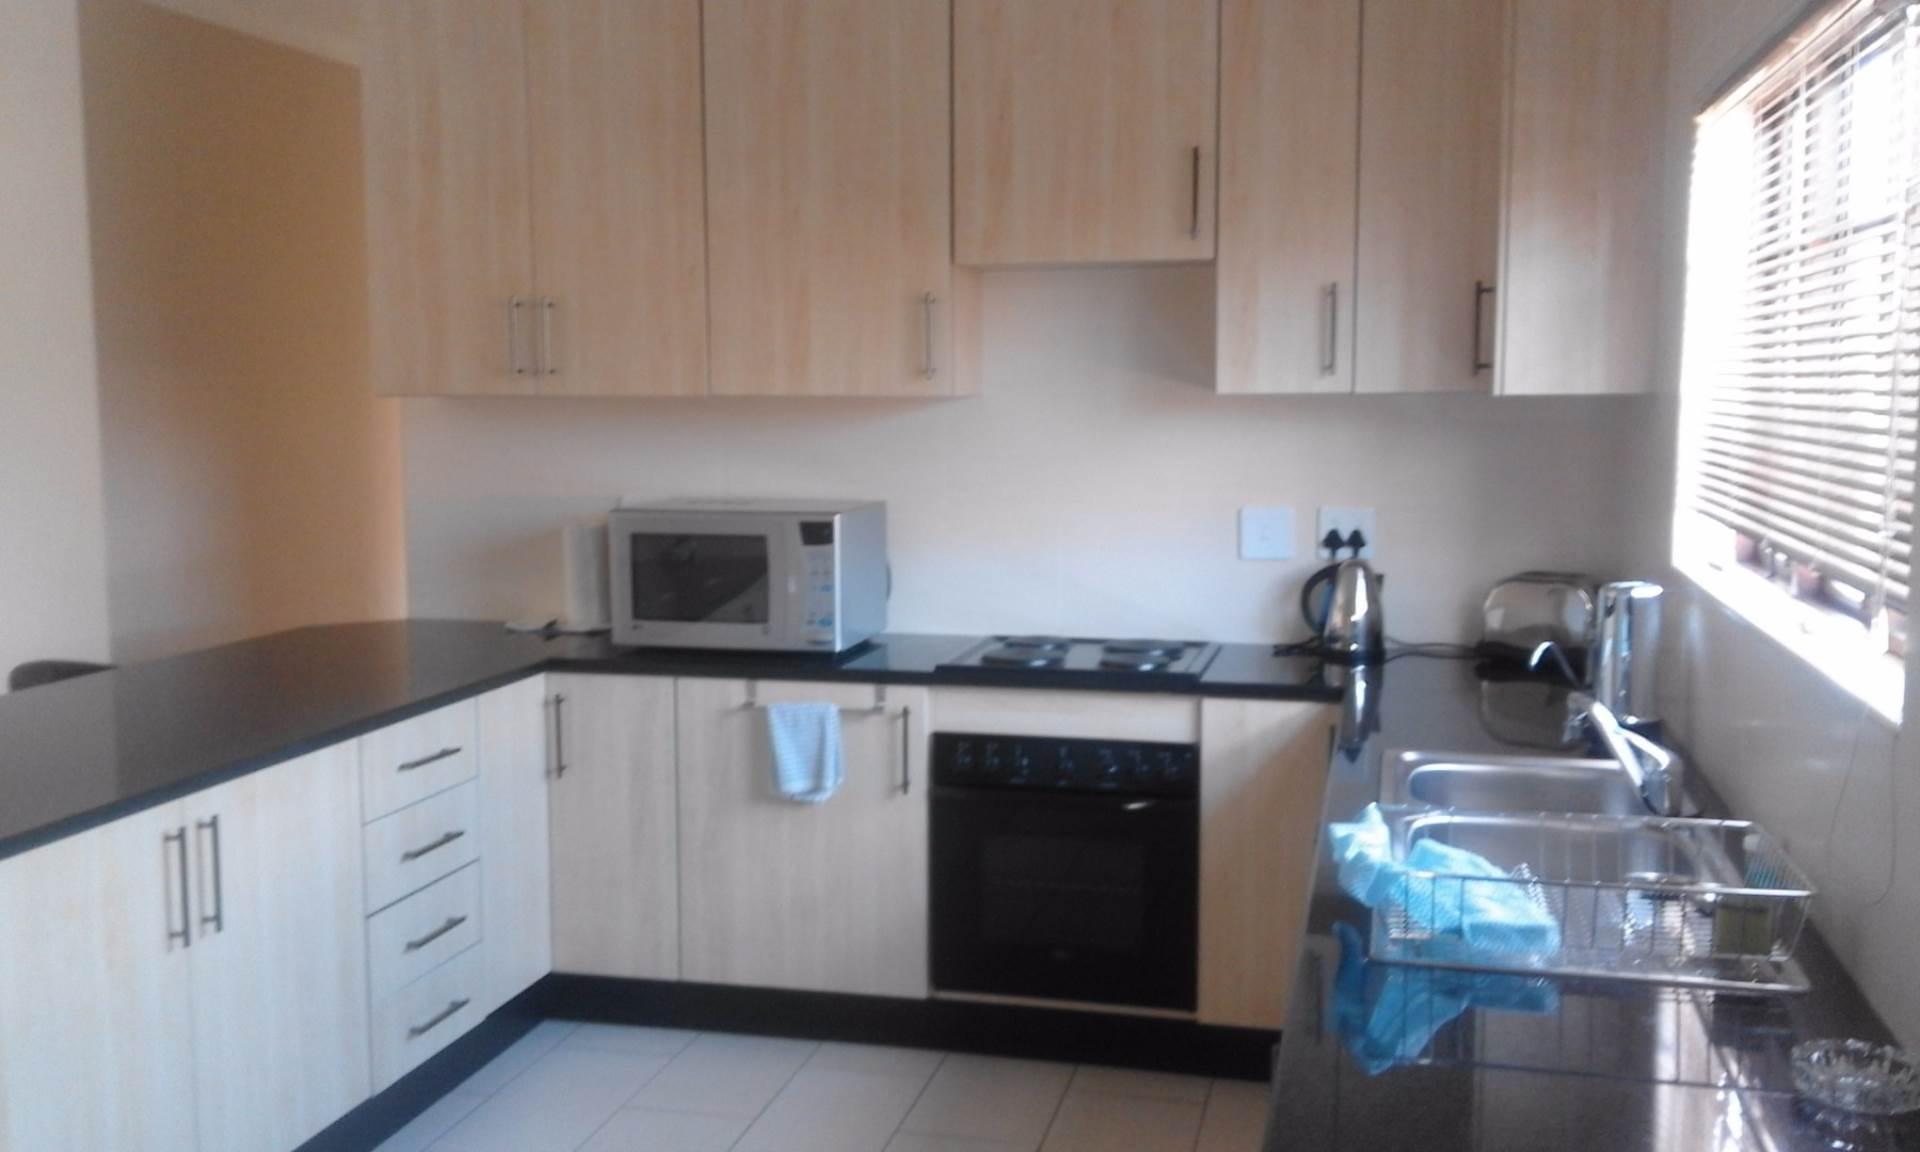 3 BedroomHouse To Rent In Reyno Ridge